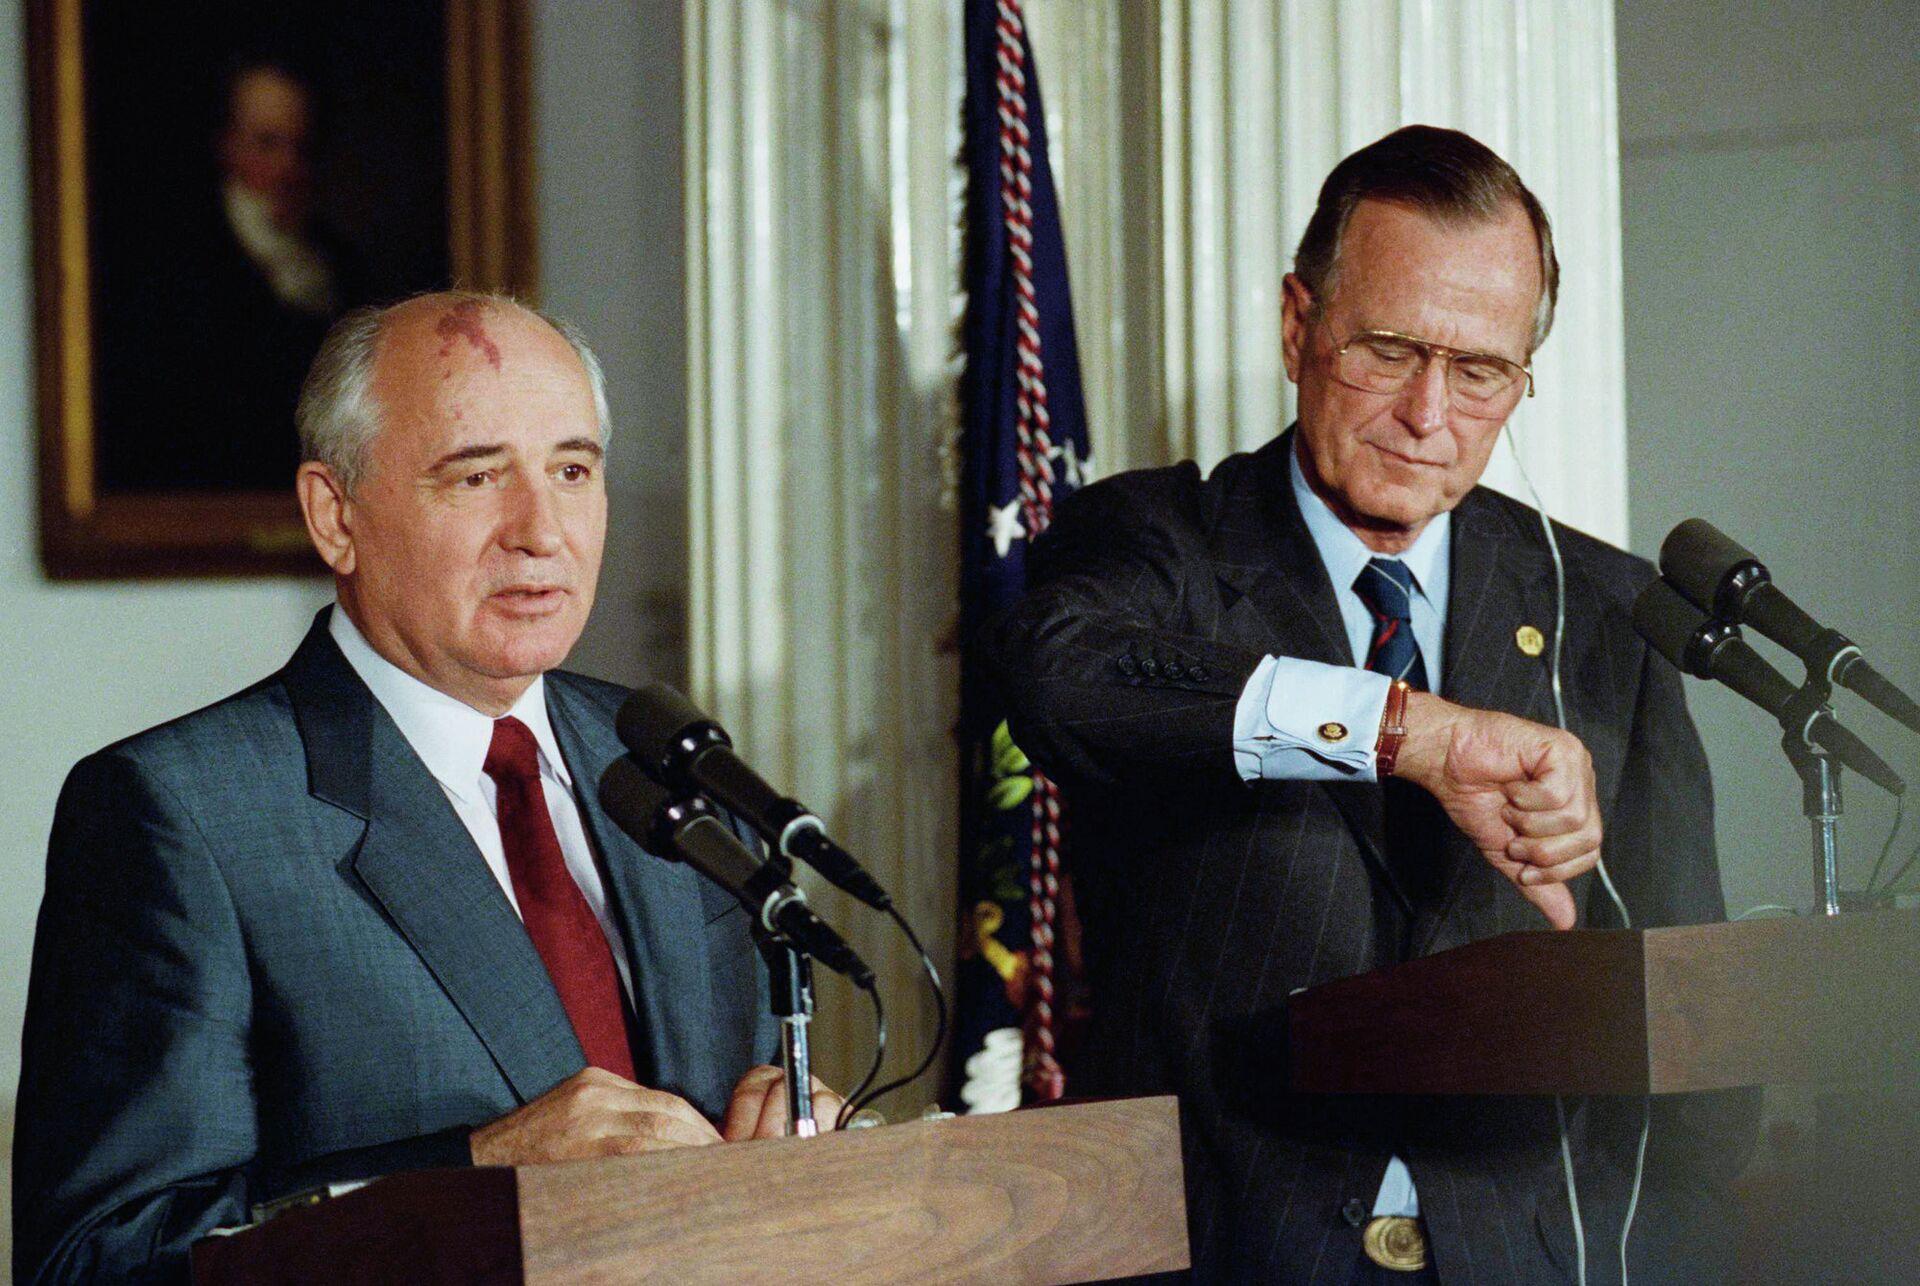 Президент США Джордж Буш смотрит на часы во время совместной пресс-конференции с президентом СССР Михаилом Горбачевым в Лондоне, 1991 год - РИА Новости, 1920, 03.12.2020